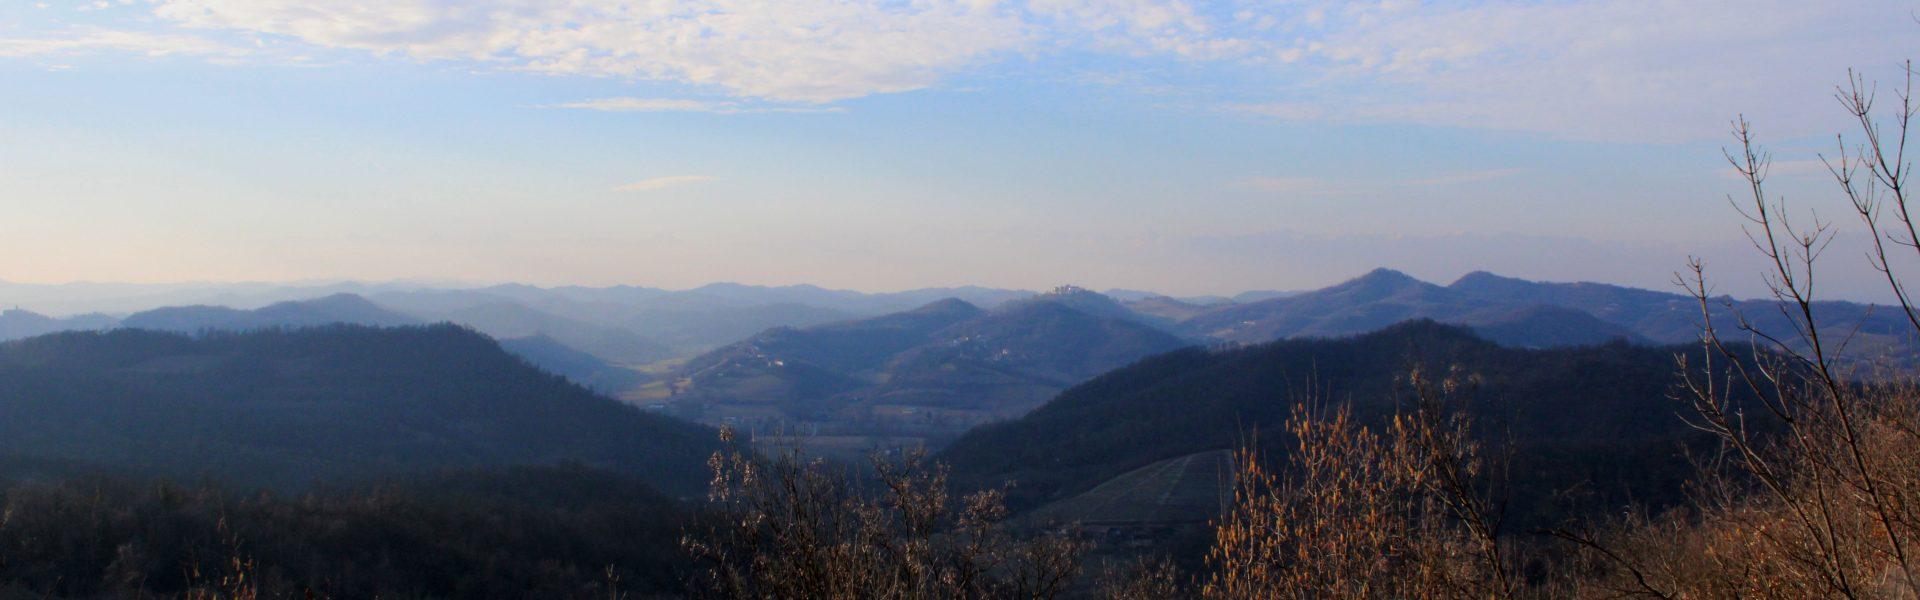 monferrato moncalvo itinerario mtb